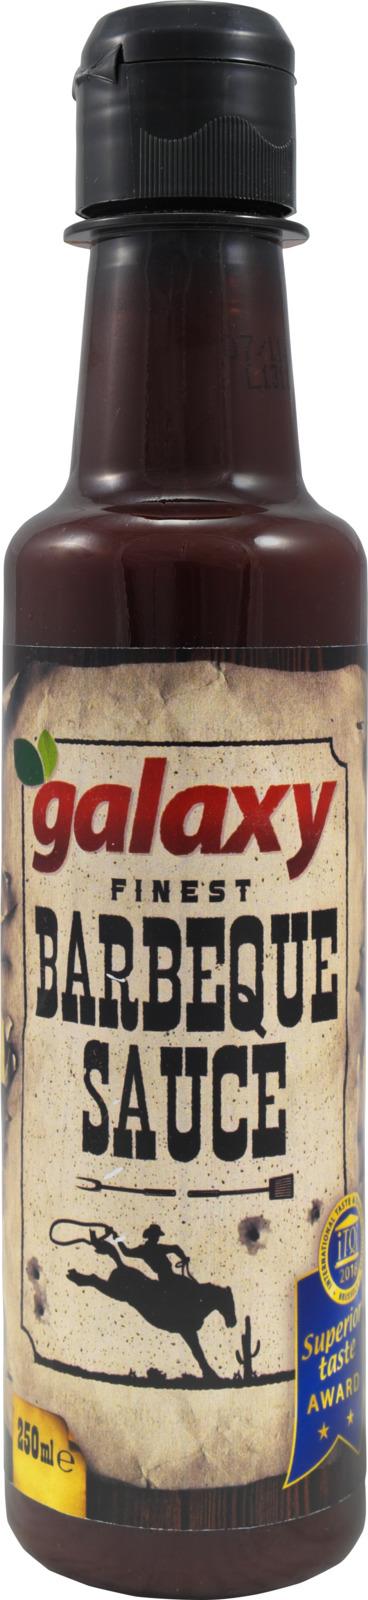 Соус барбекю Galaxy, 250 мл heinz барбекю соус